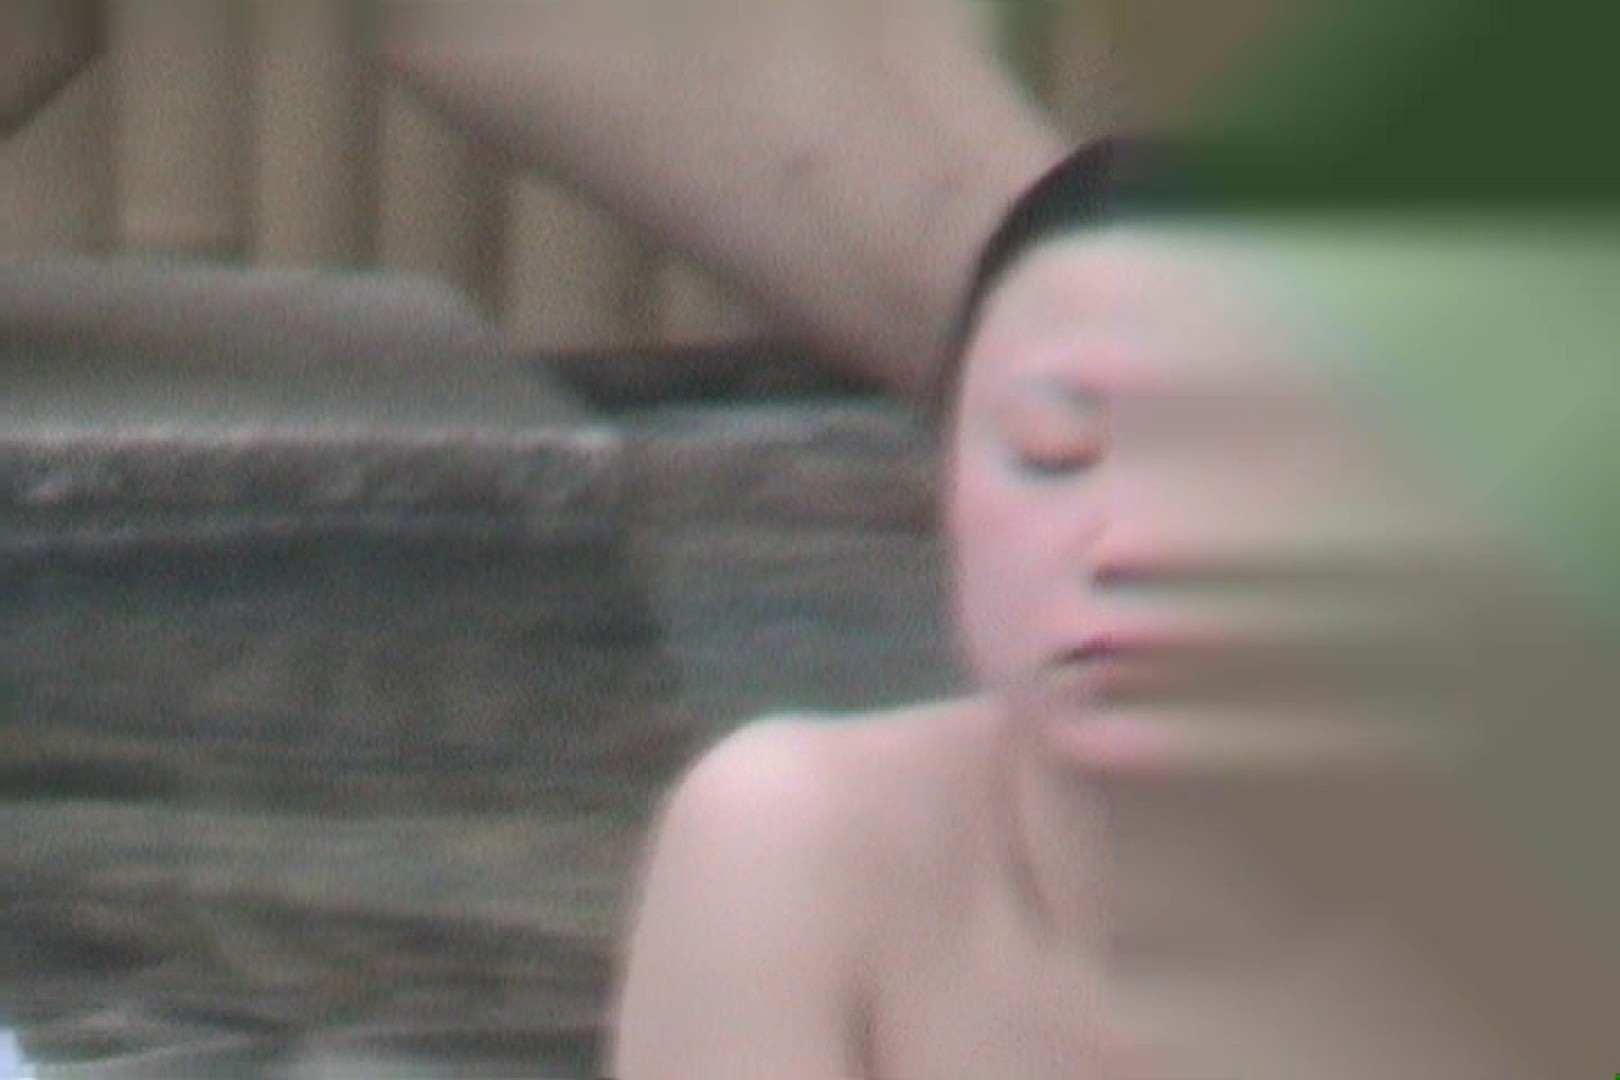 Aquaな露天風呂Vol.599 露天 | 綺麗なOLたち  71枚 55